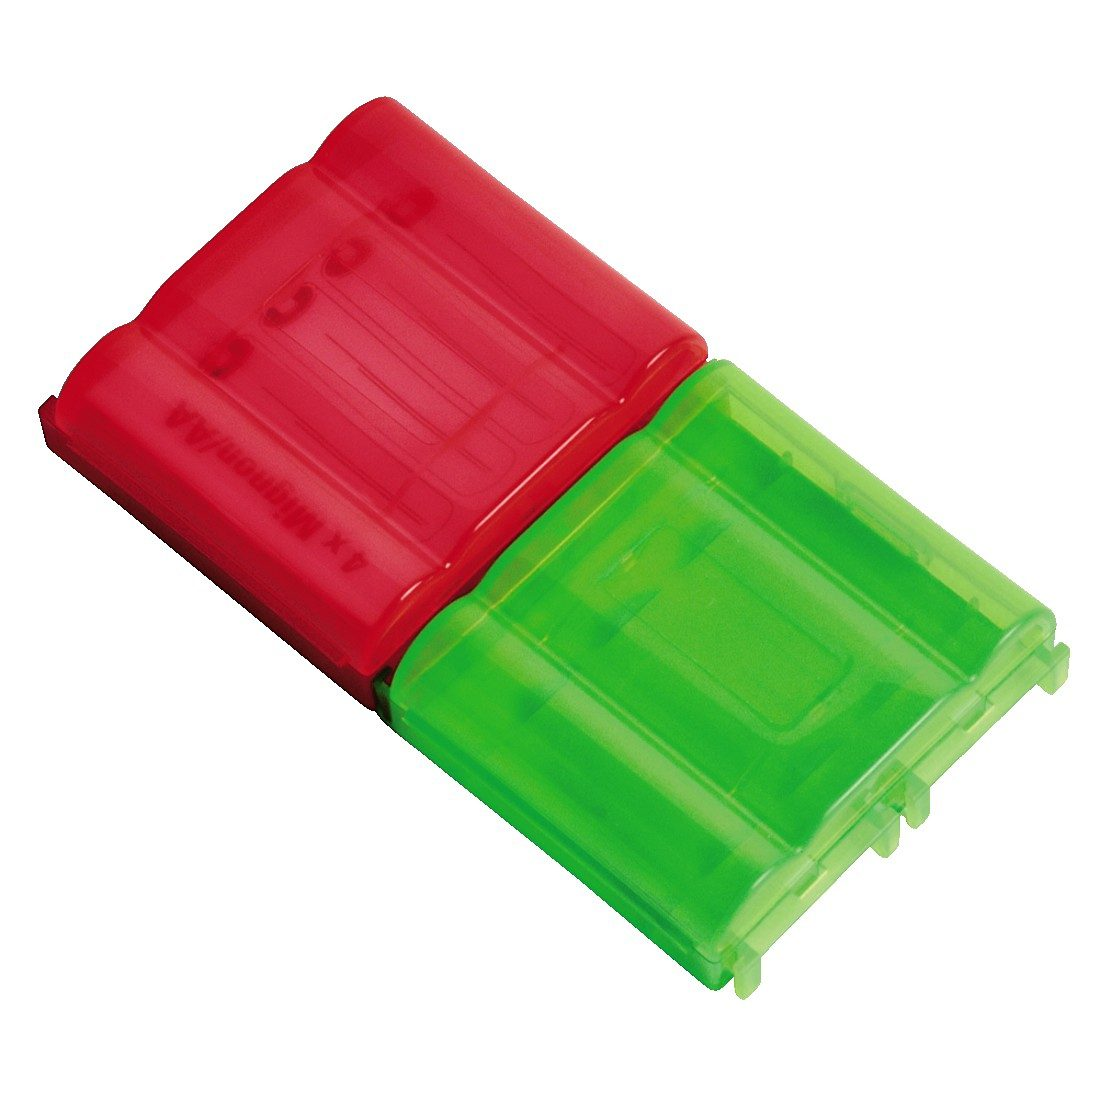 Hama 2 Akkuboxen für je 4x AAA/Micro- oder 4xAA/Mignon-Akkus